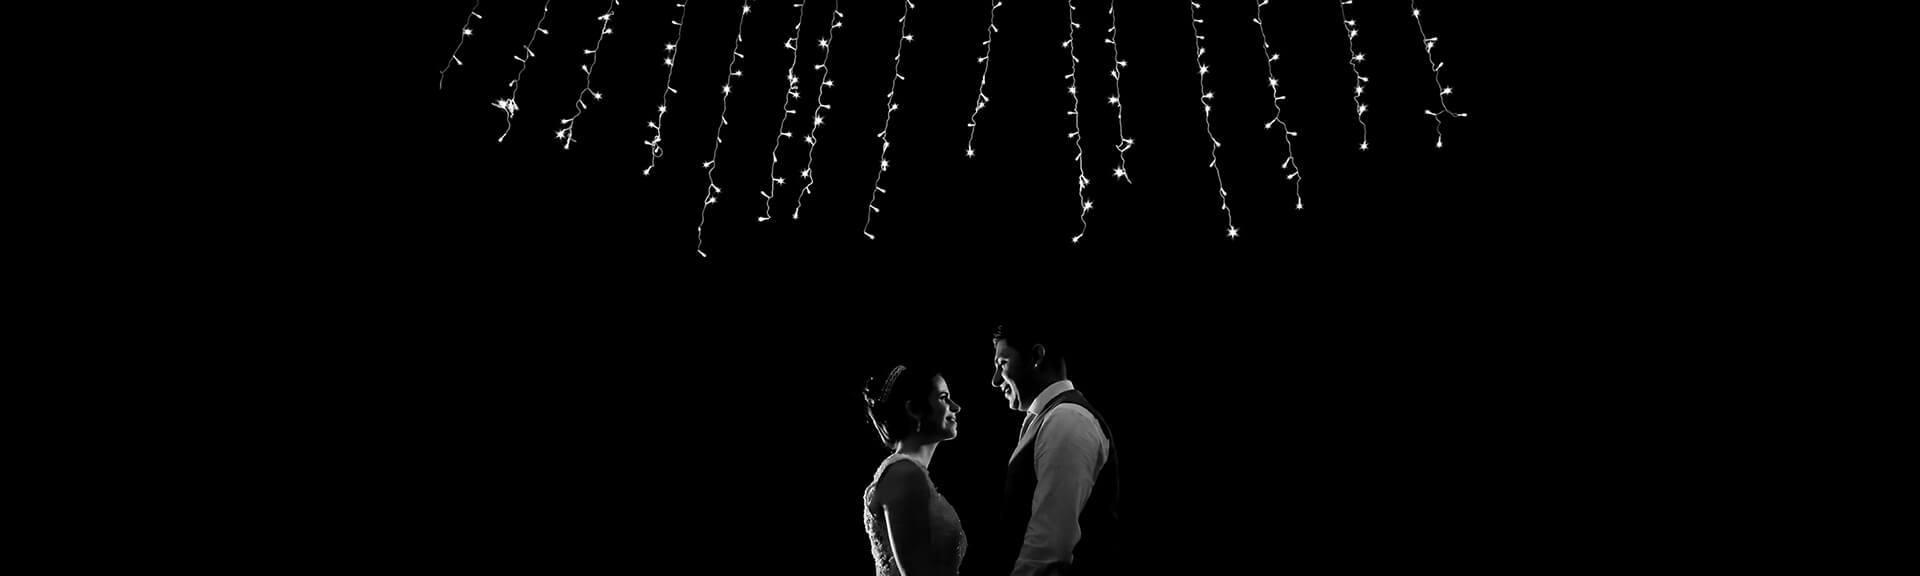 Contate Rossinis Imagens - Fotógrafo de Casamento em Suzano - SP, Mogi das Cruzes, Poá, Região do Alto Tietê, São Paulo, estudio especializado em Gestantes e newborn